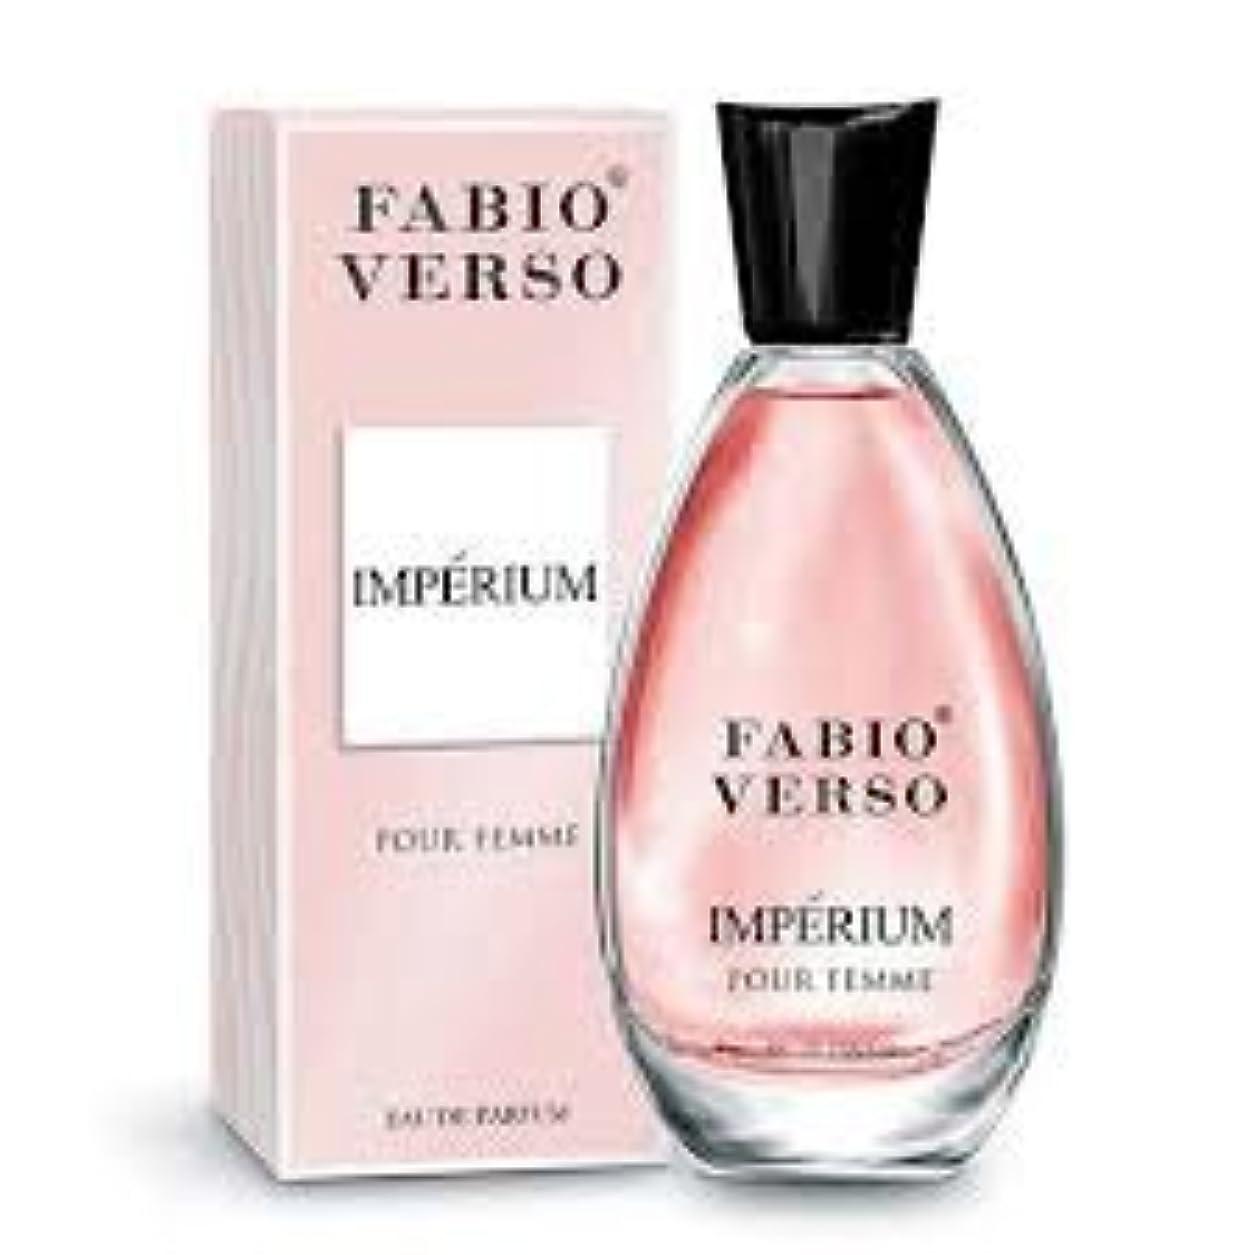 クライアント説明地区◆【FABIO VERSO】香水◆ファビオヴァーソ インペリウム プールファム EDP 100ml◆